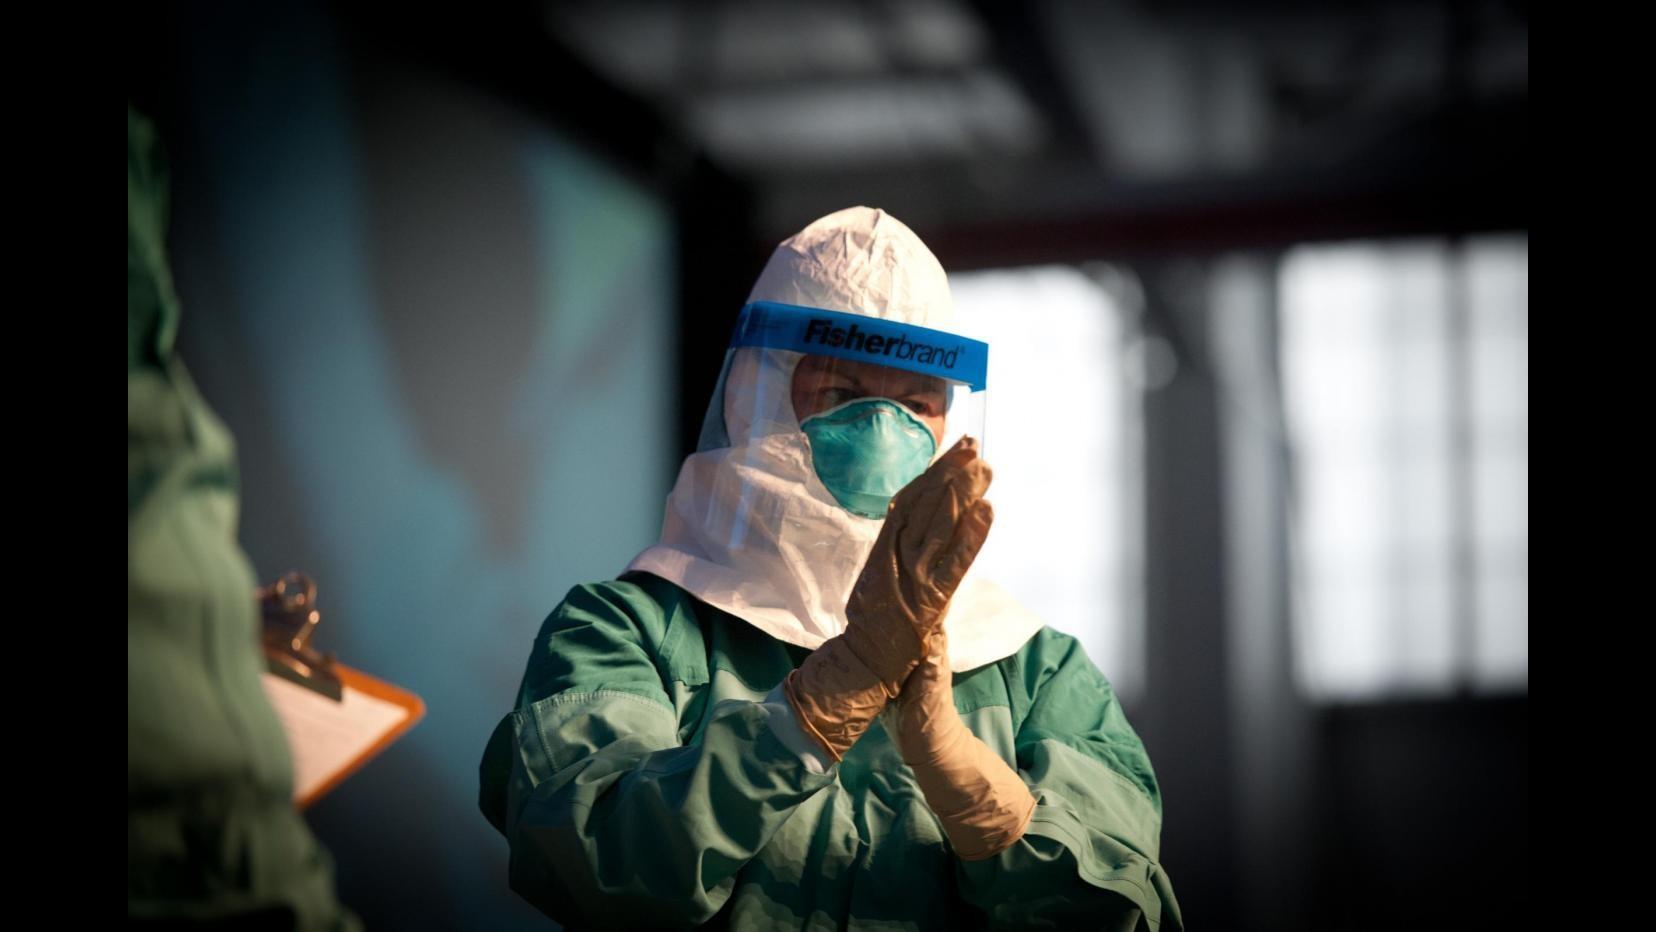 Oms: Tornano ad aumentare contagi Ebola in Guinea e Sierra Leone